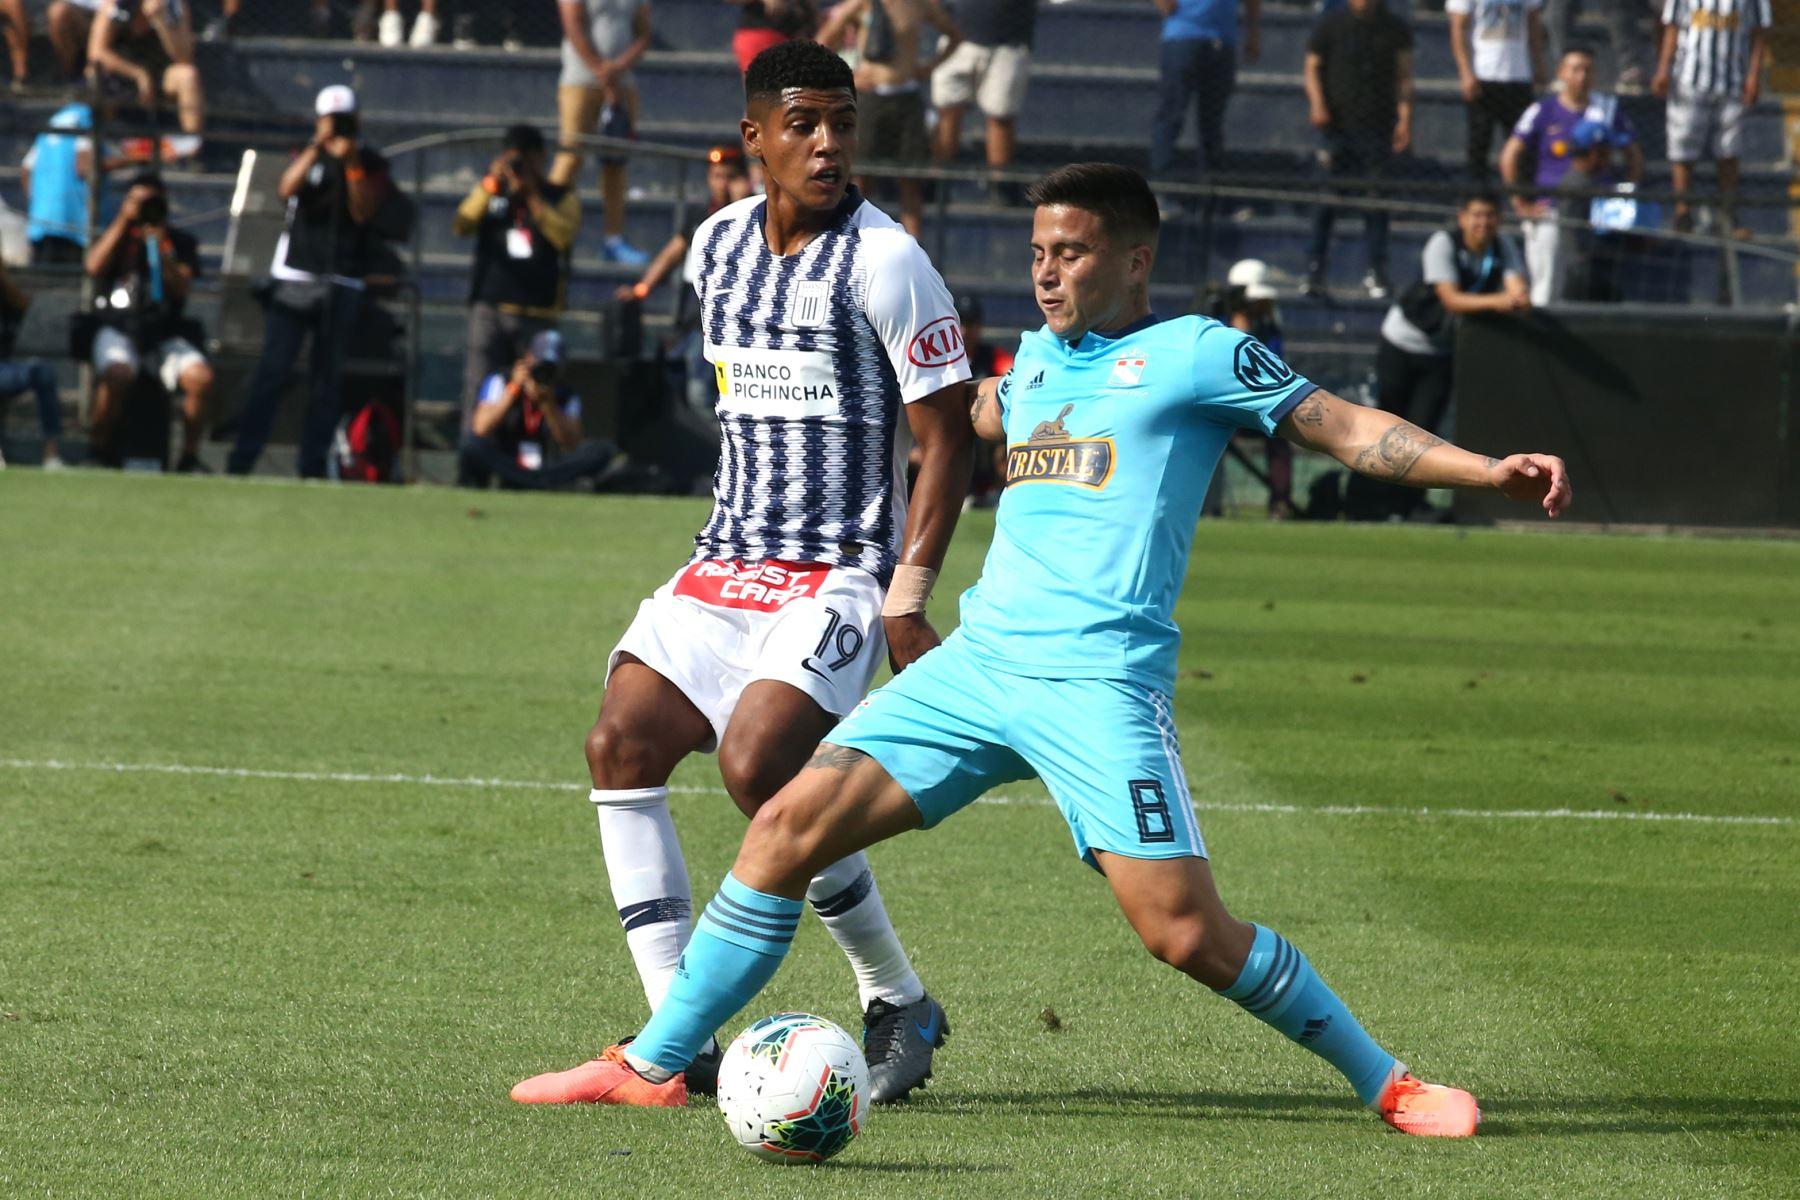 Wilder Cartagena  de  Alianza Lima disputa el balón ante Cristian Ortiz de Cristal en el partido de ida por la semifinal del play off de la Liga 1. Foto: ANDINA/Vidal Tarqui